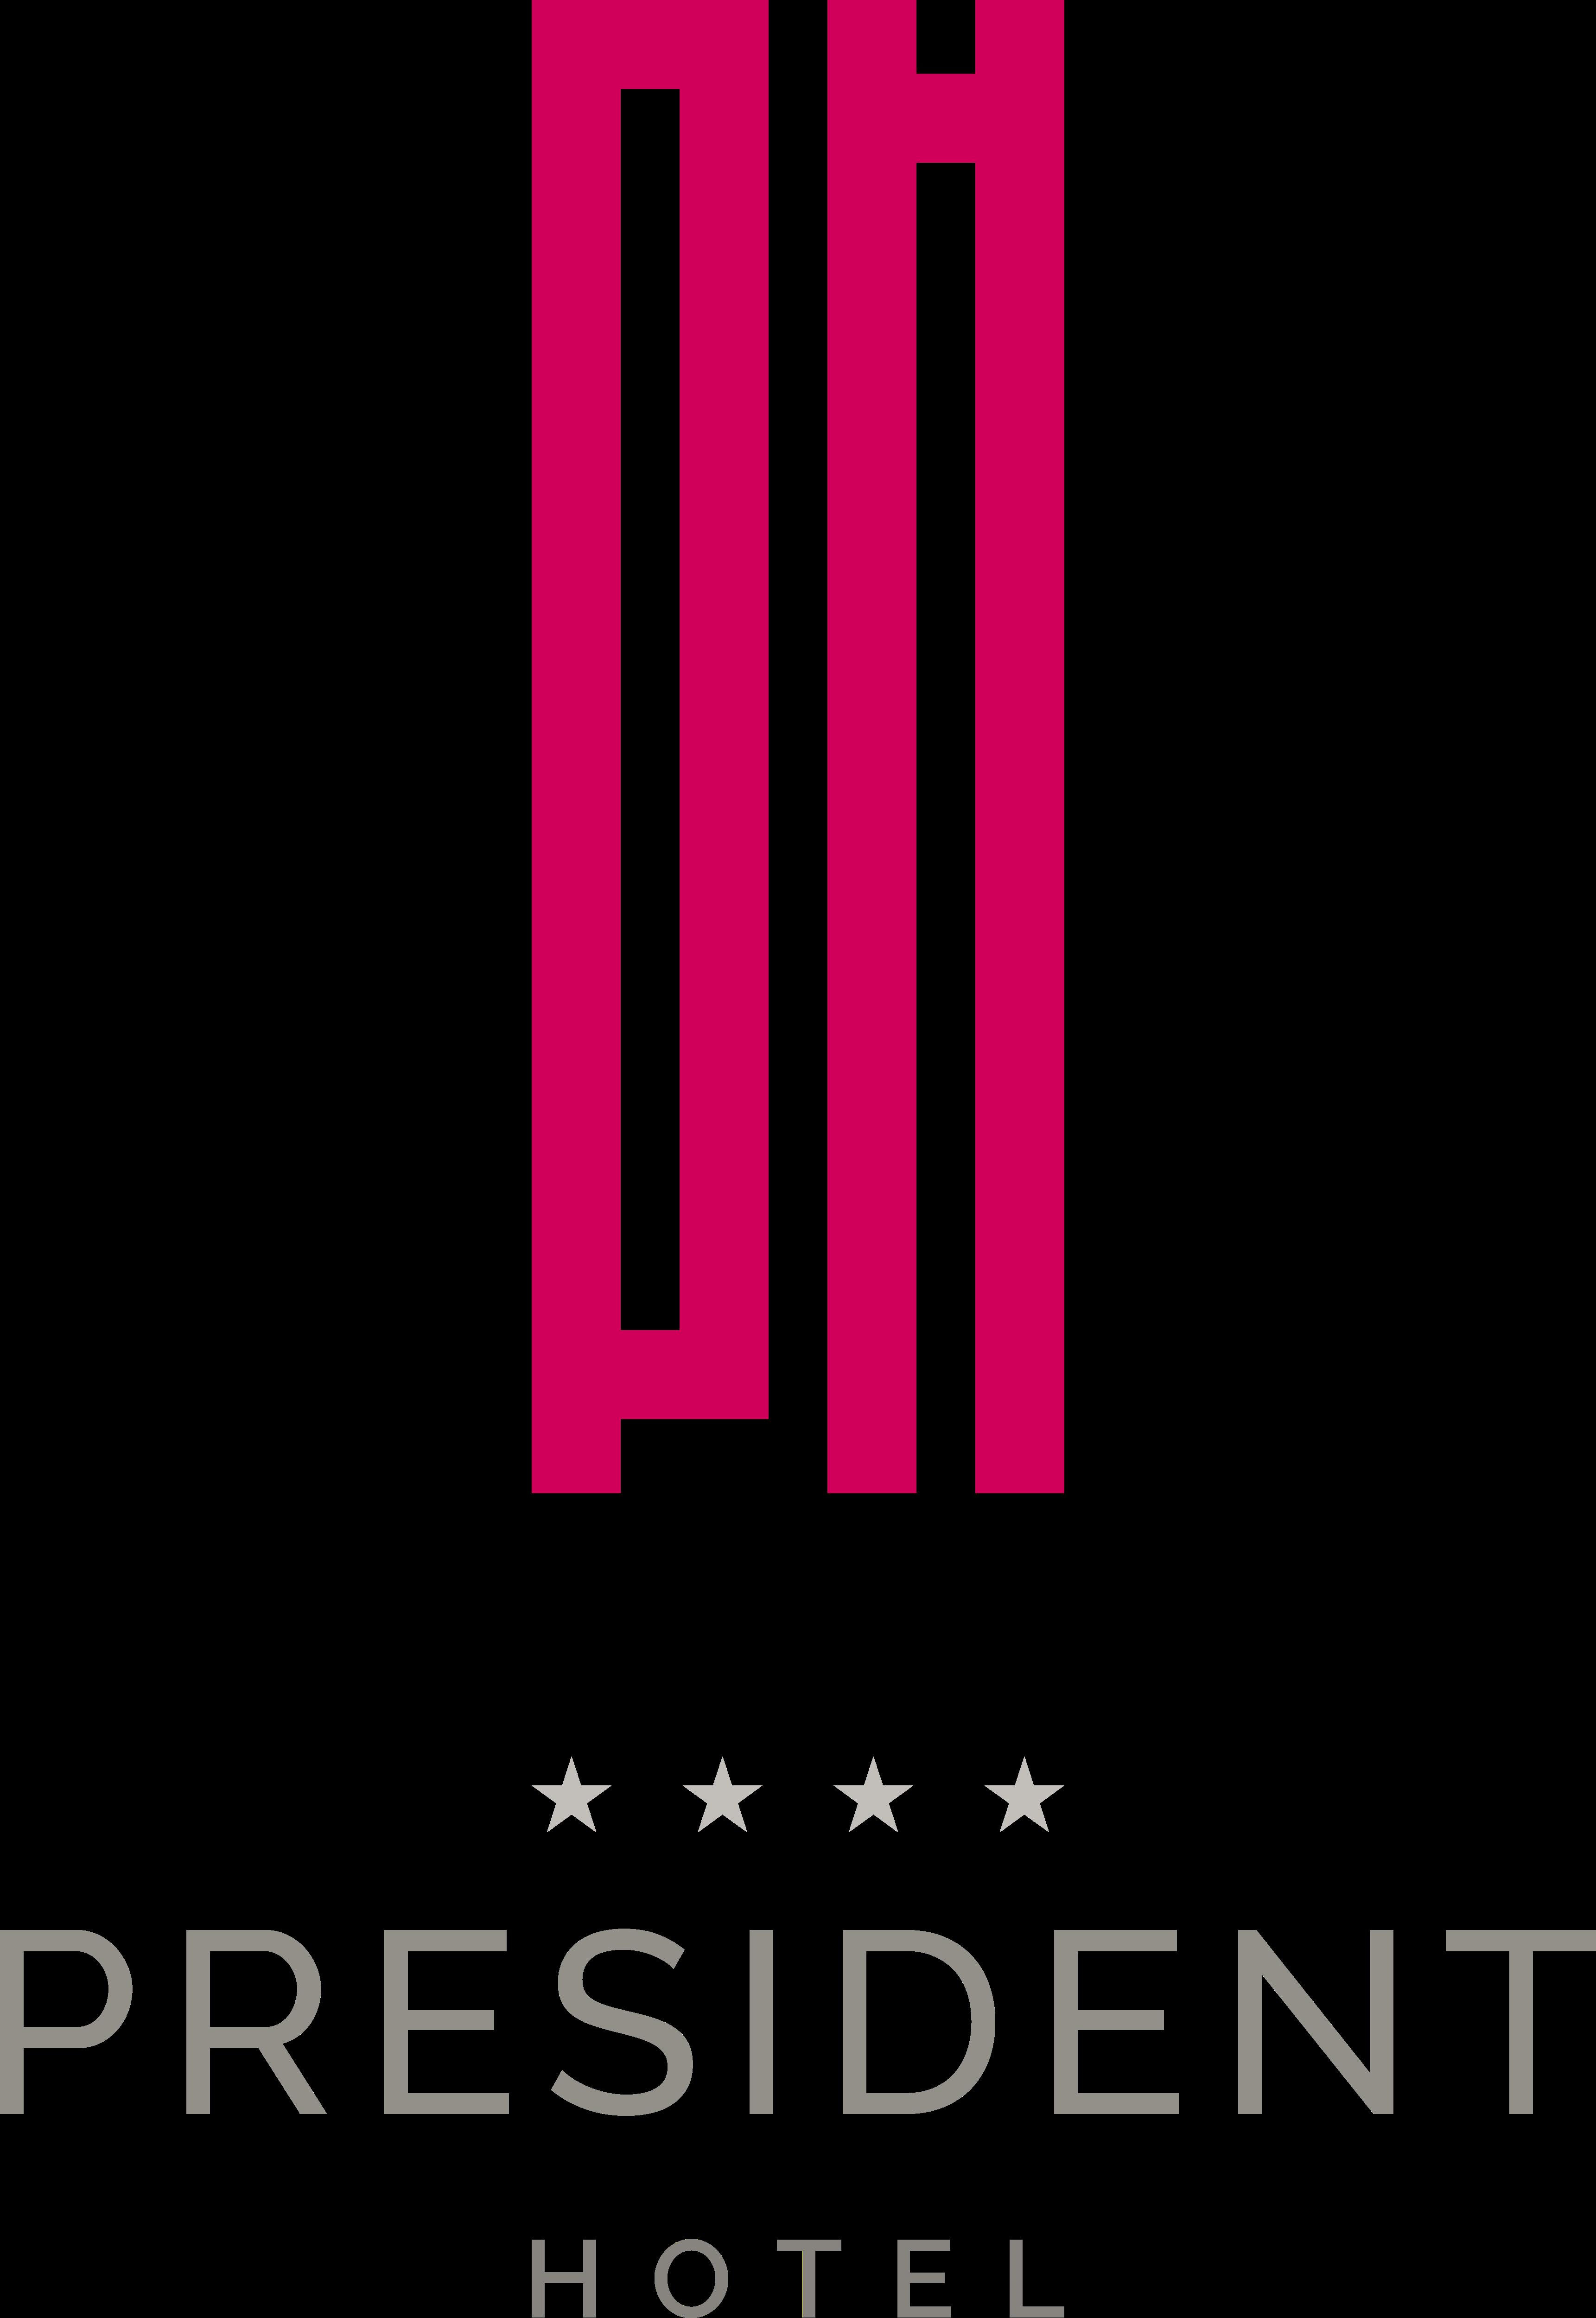 President Hotel Athens Logos Download